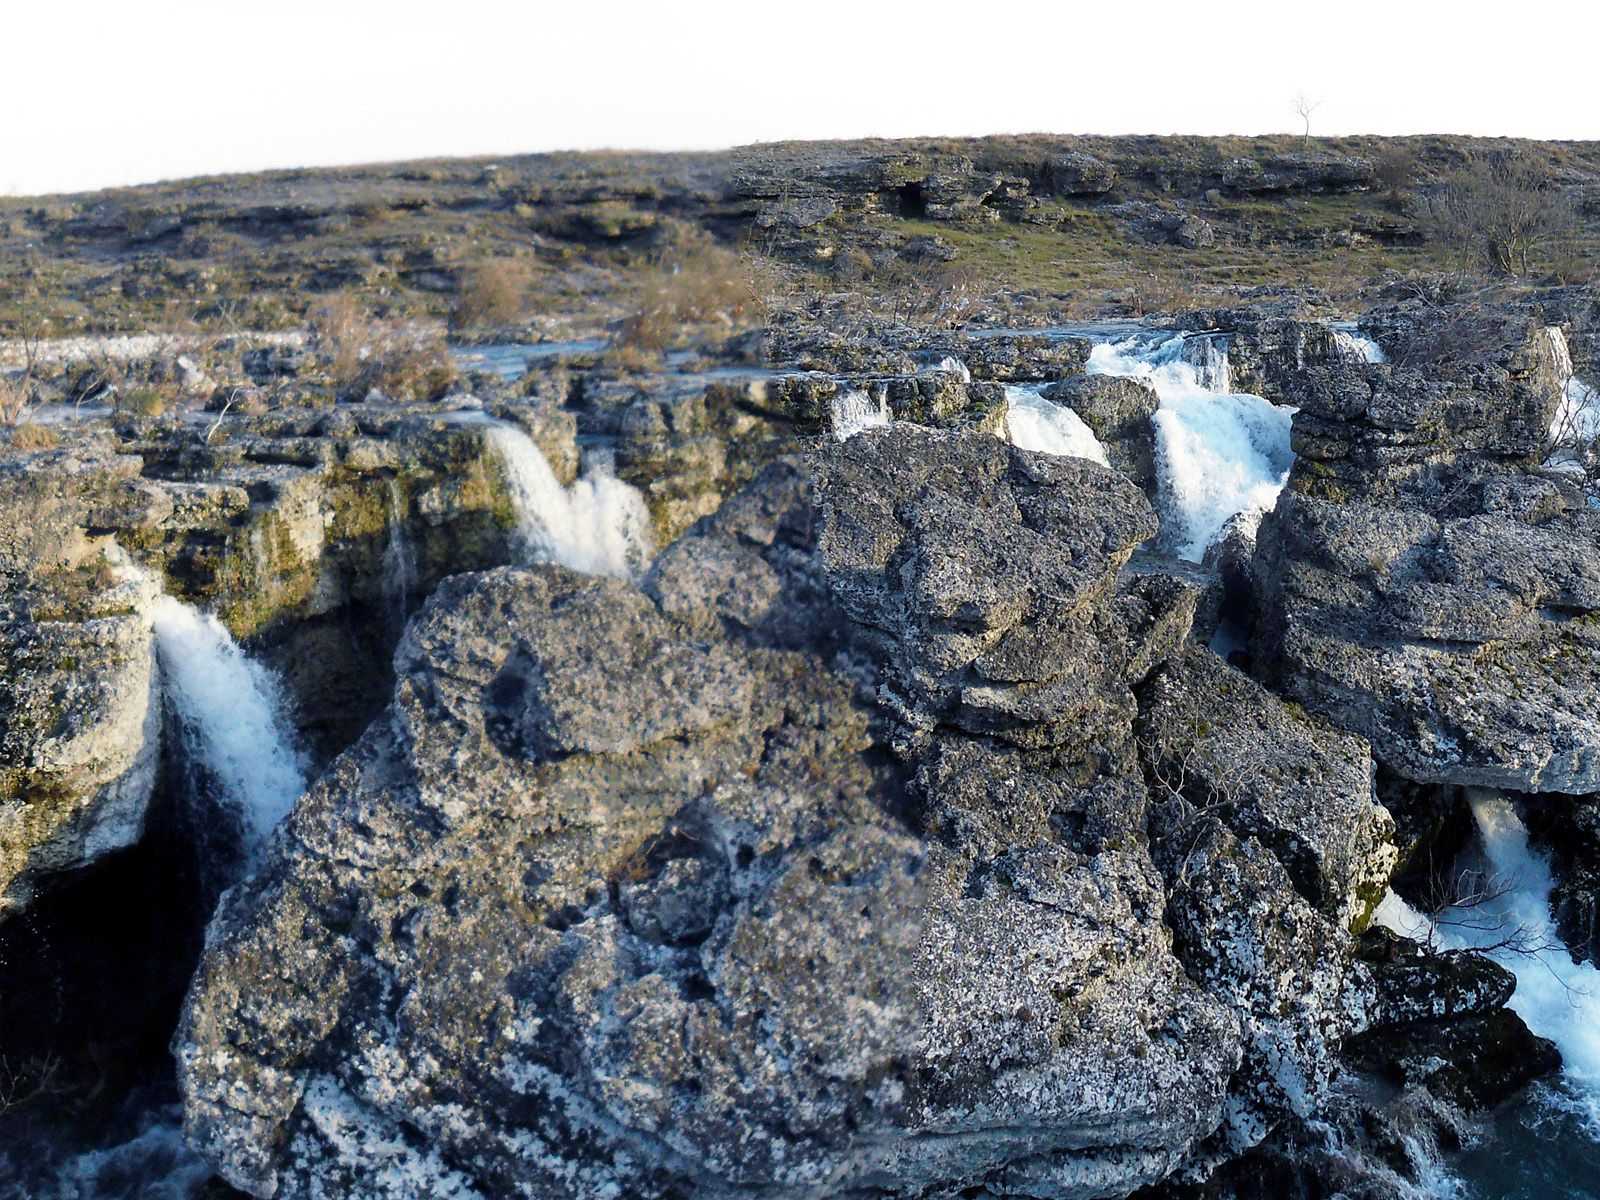 Струи водопада Ниагара на реке Циевна